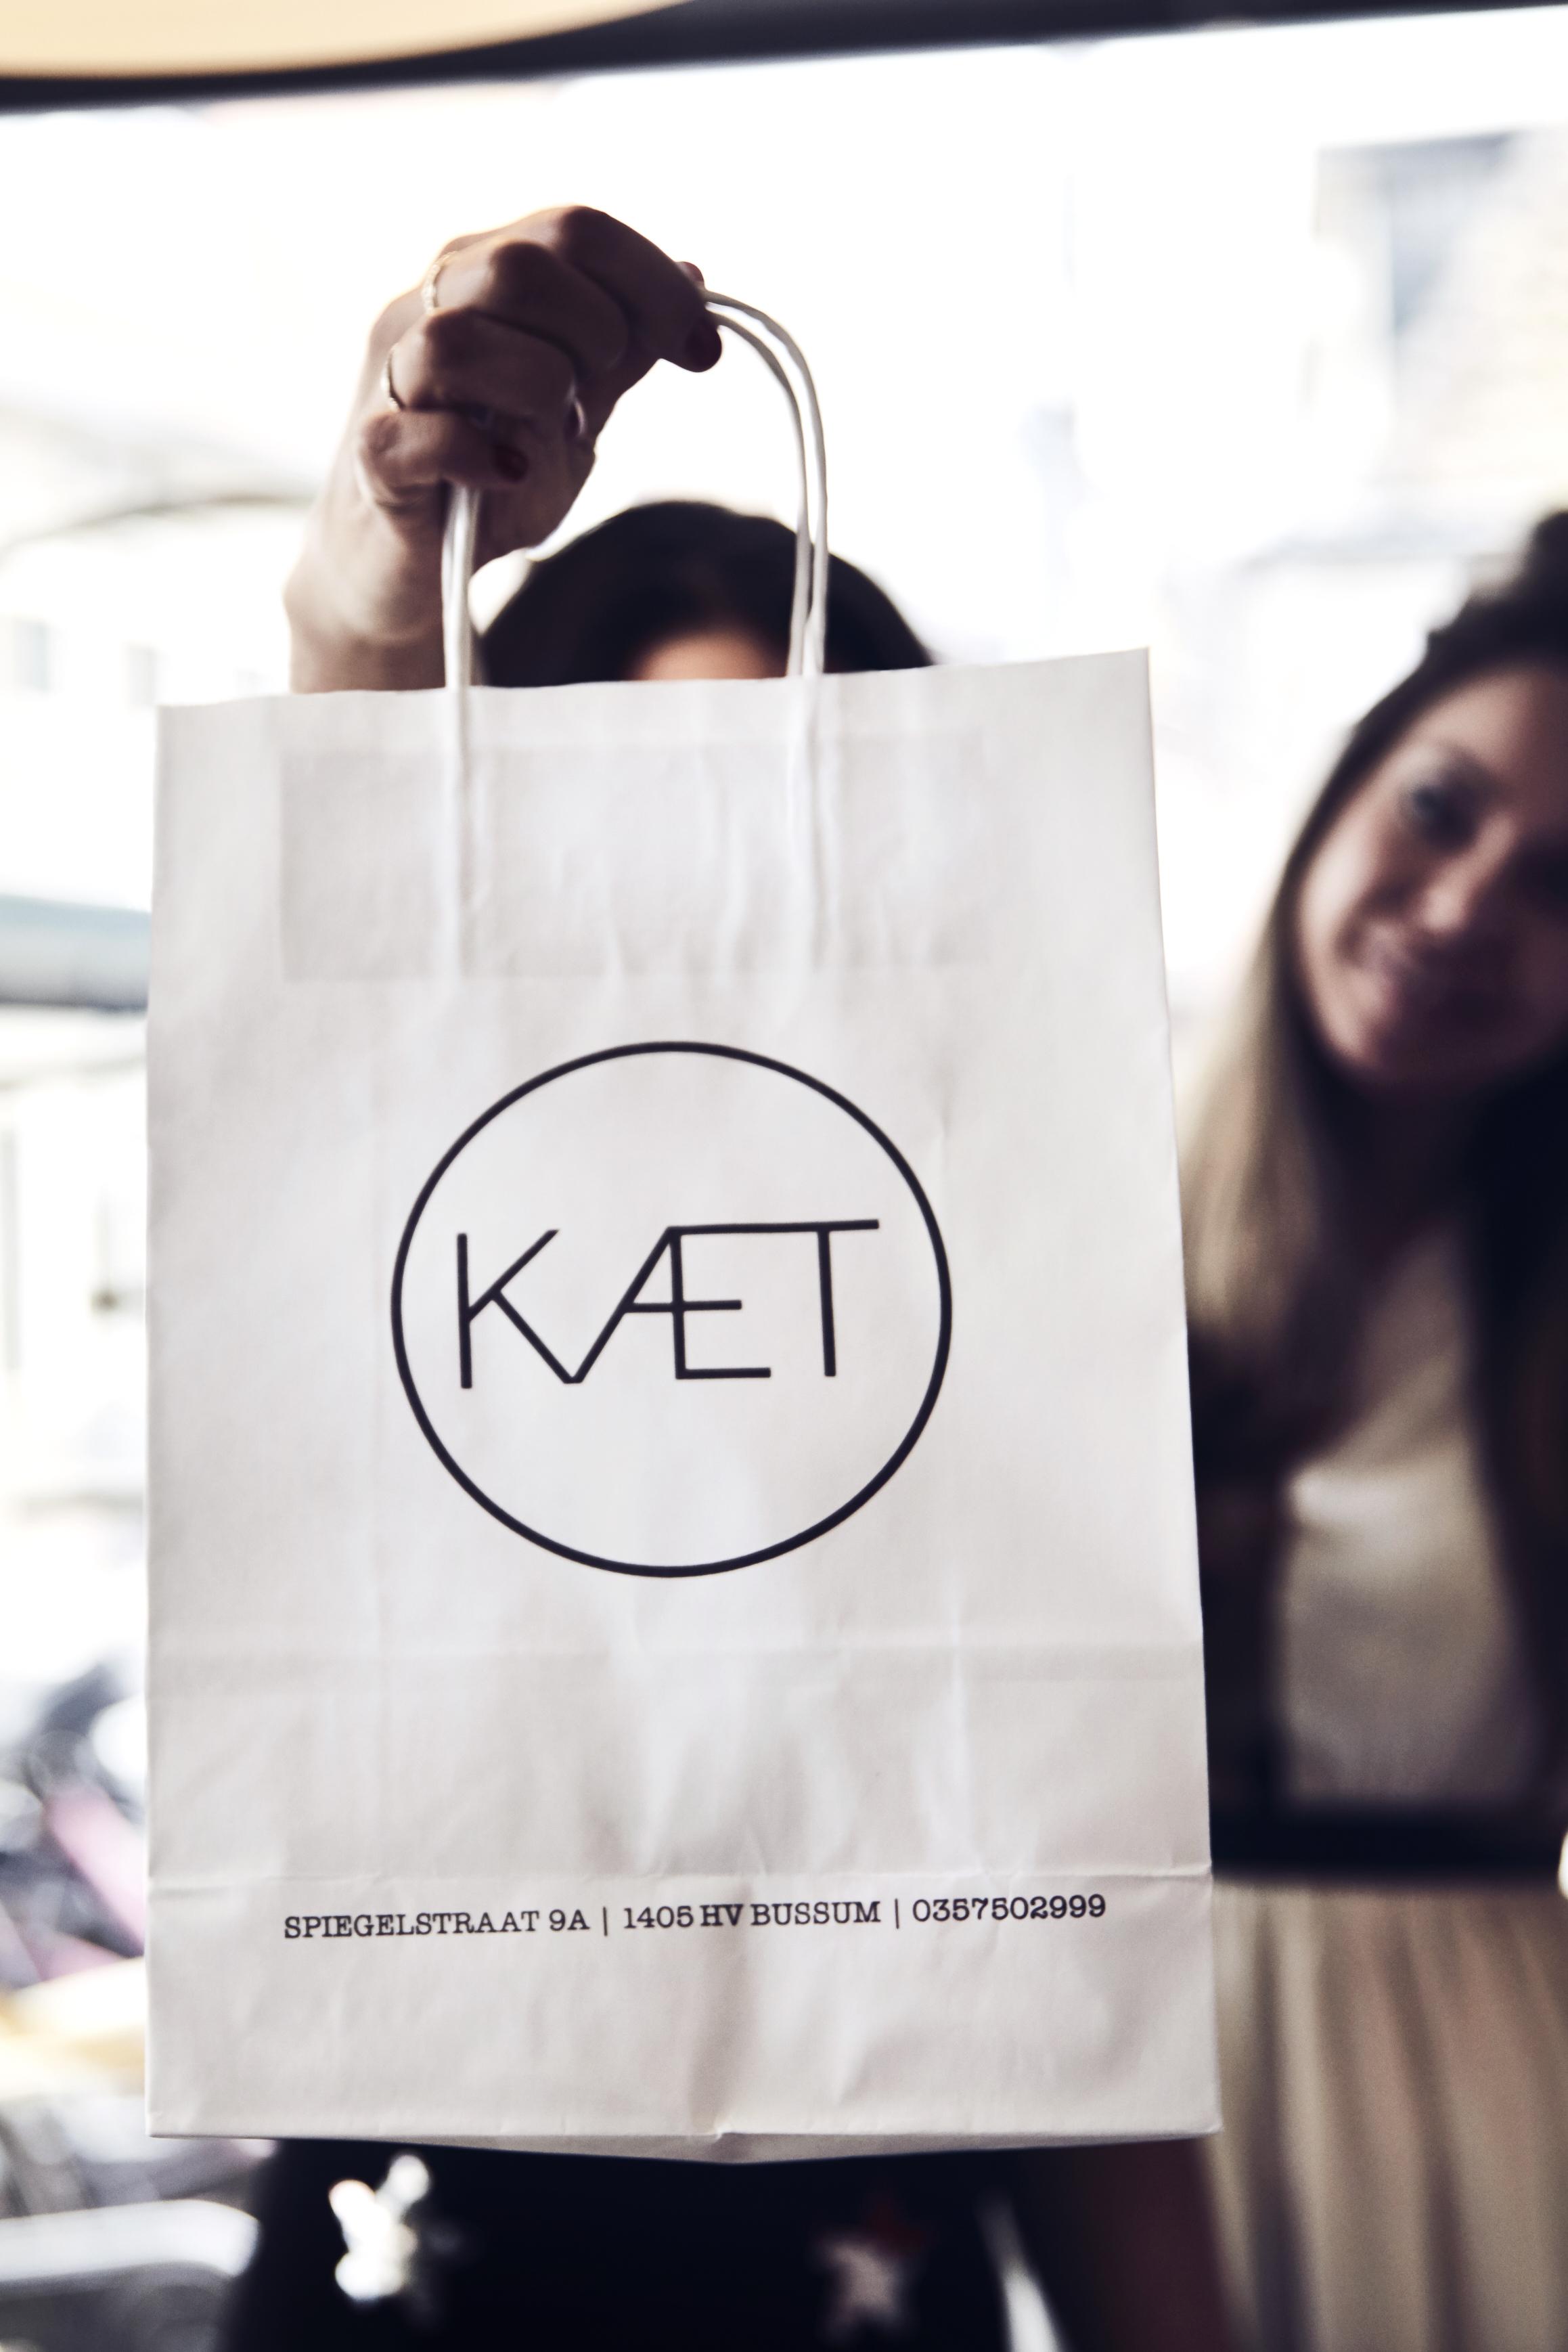 kaet_portraits_058